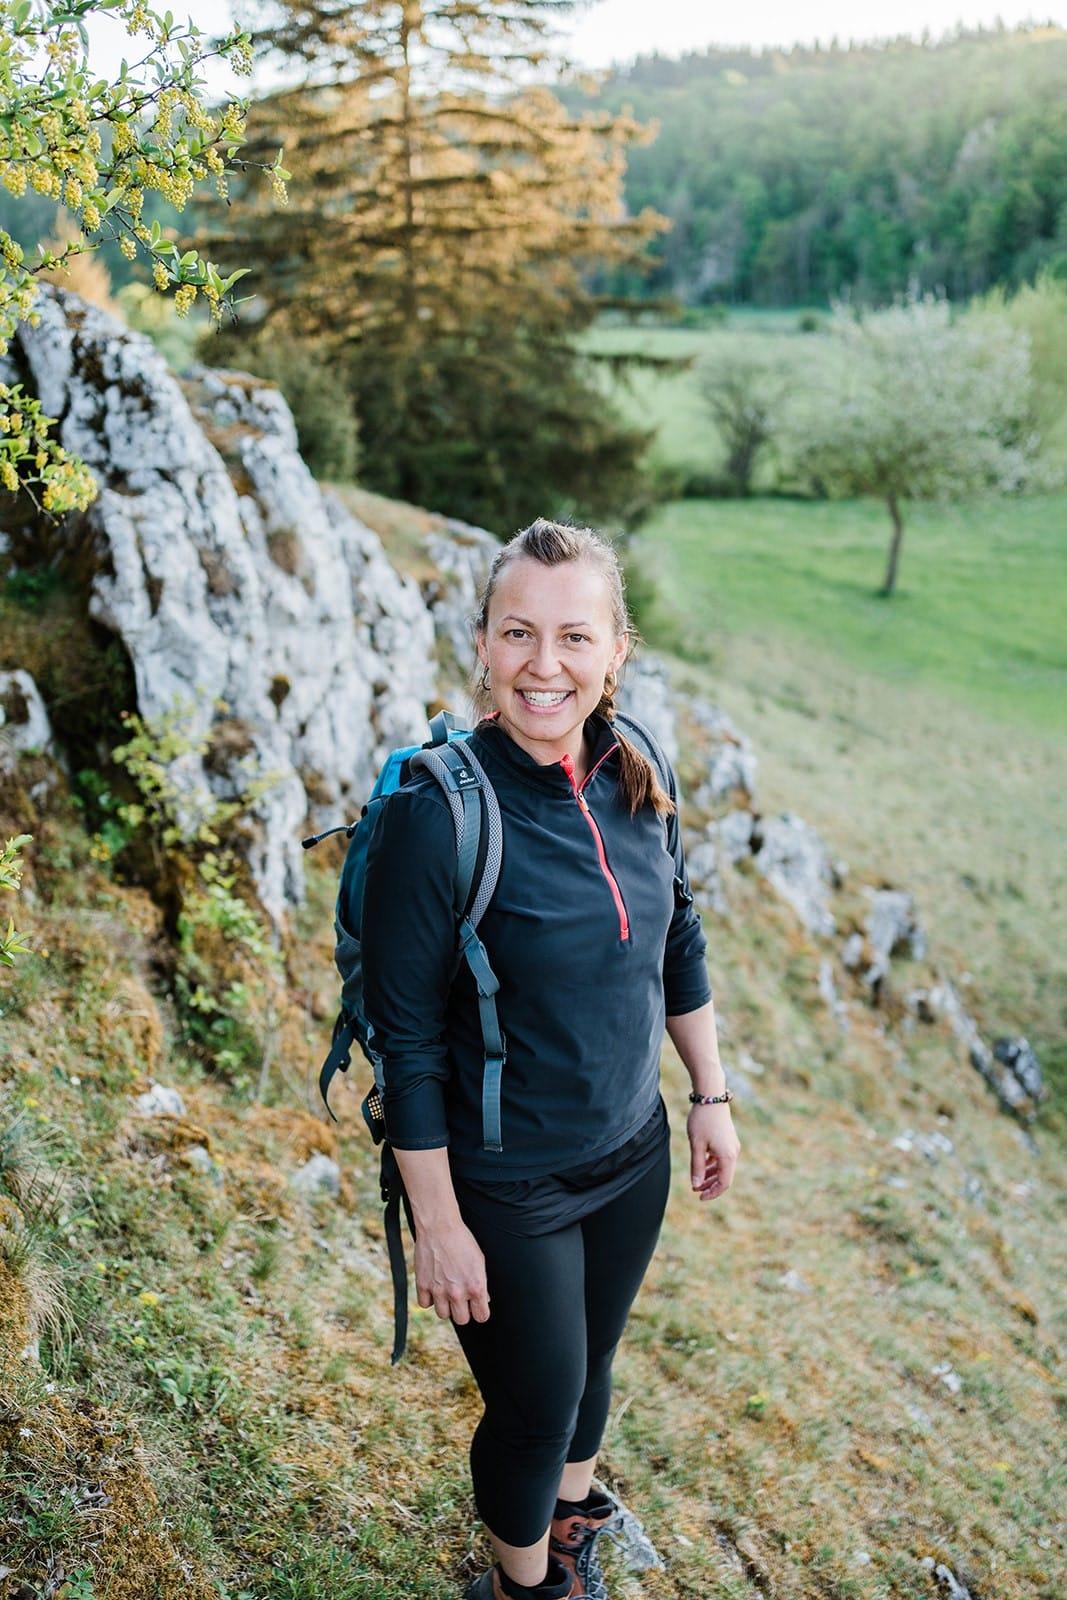 Profilbild Coach Anja Buntz